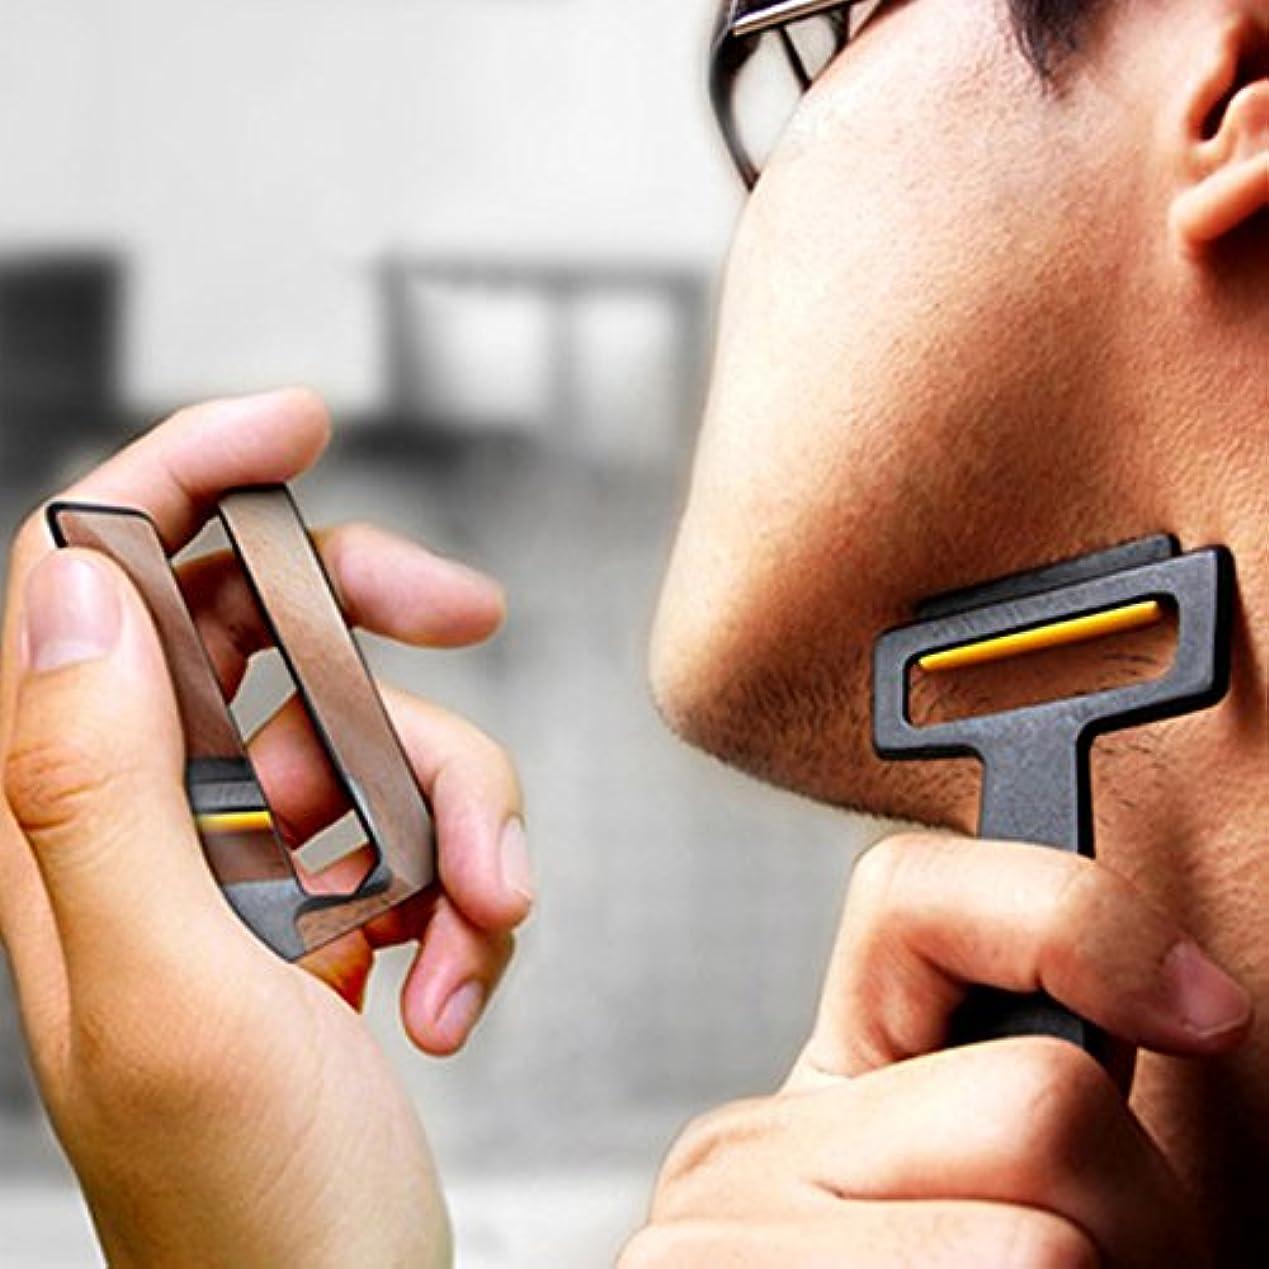 生まれ植生ブローPogass Carzor 3 In 1 Card設計された財布ミニかみそりビードポータブルひげ剃りミラースタンドキット